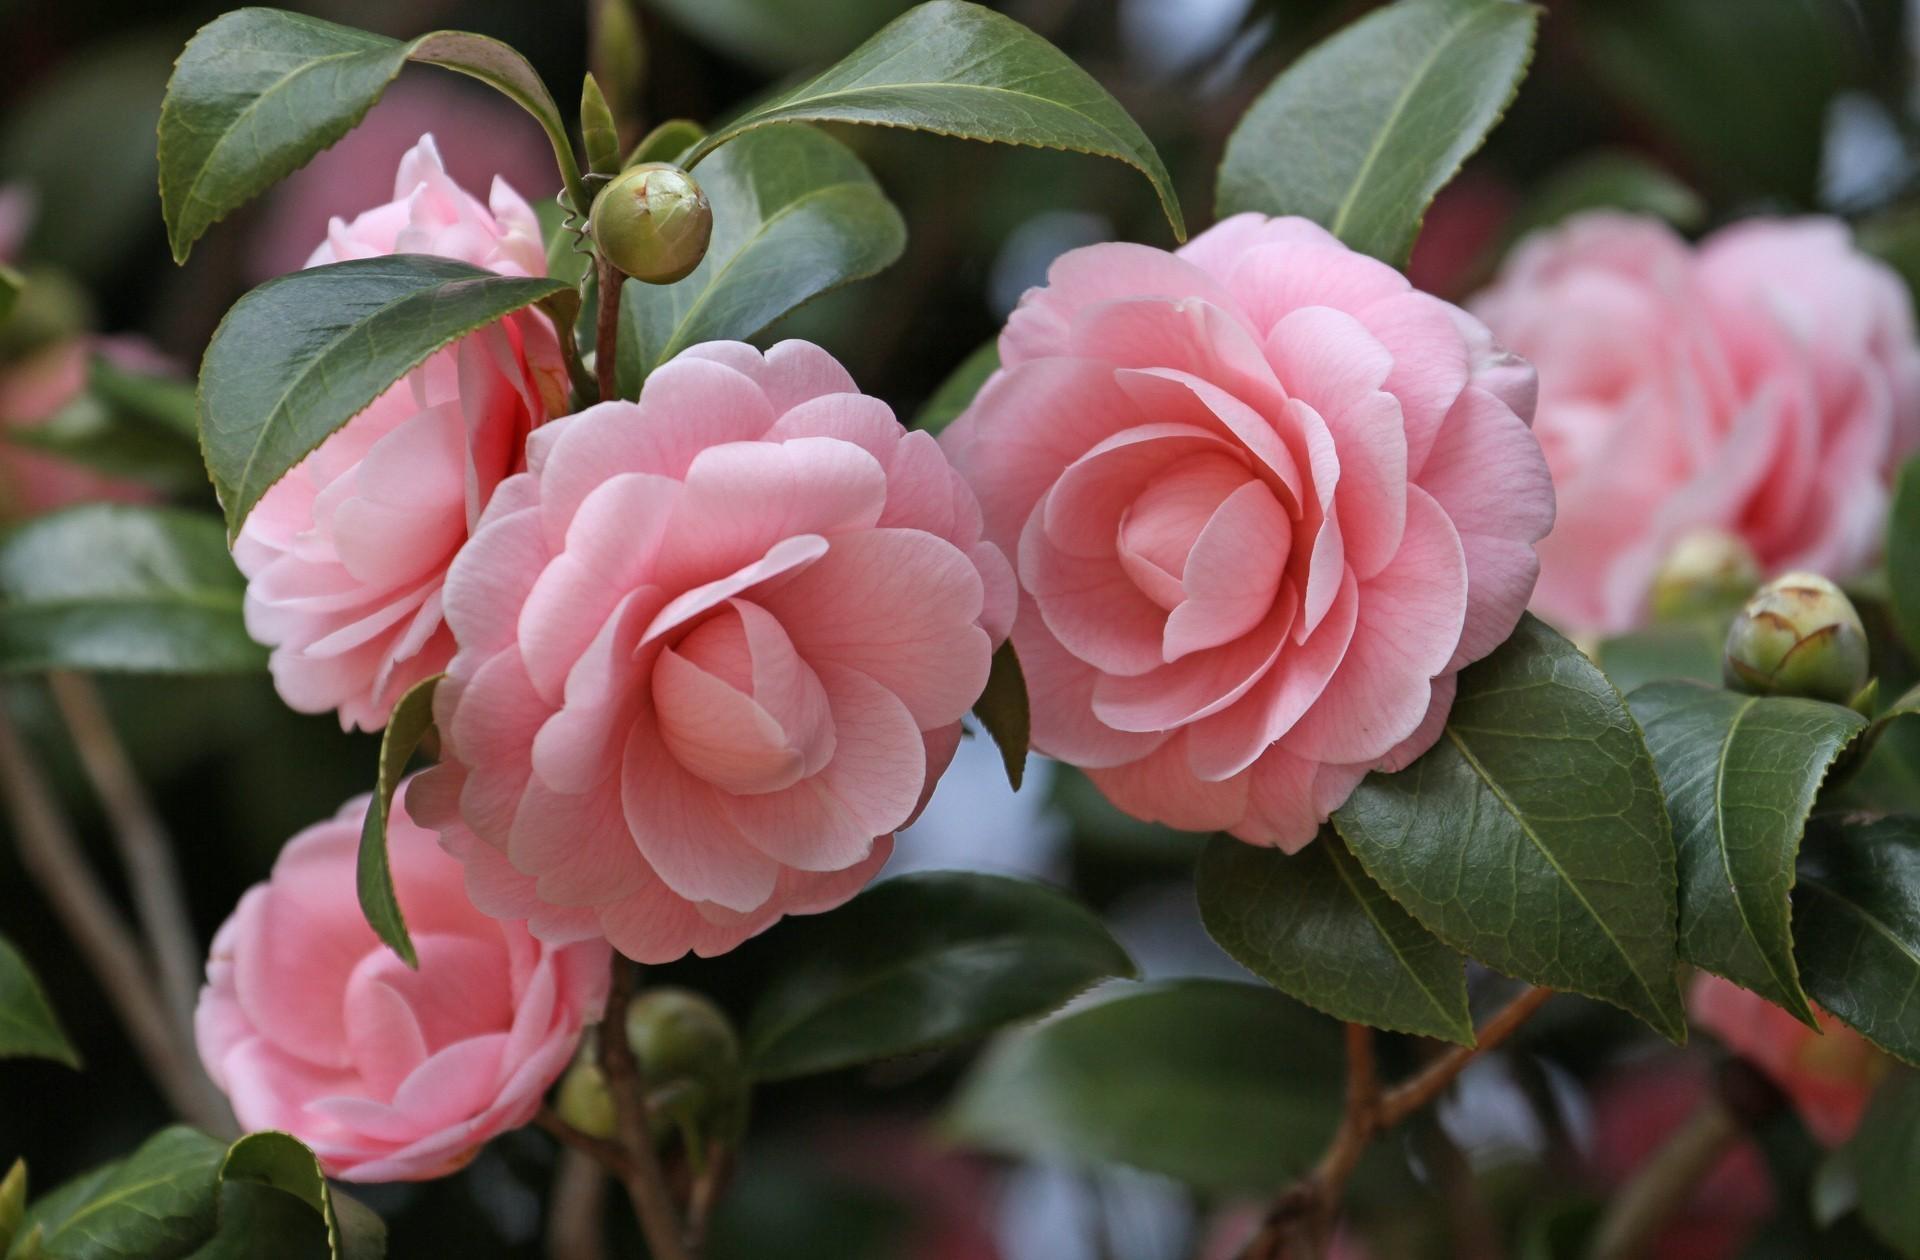 Wallpaper Leaves Flowers Garden Blossom Pink Flower Flora